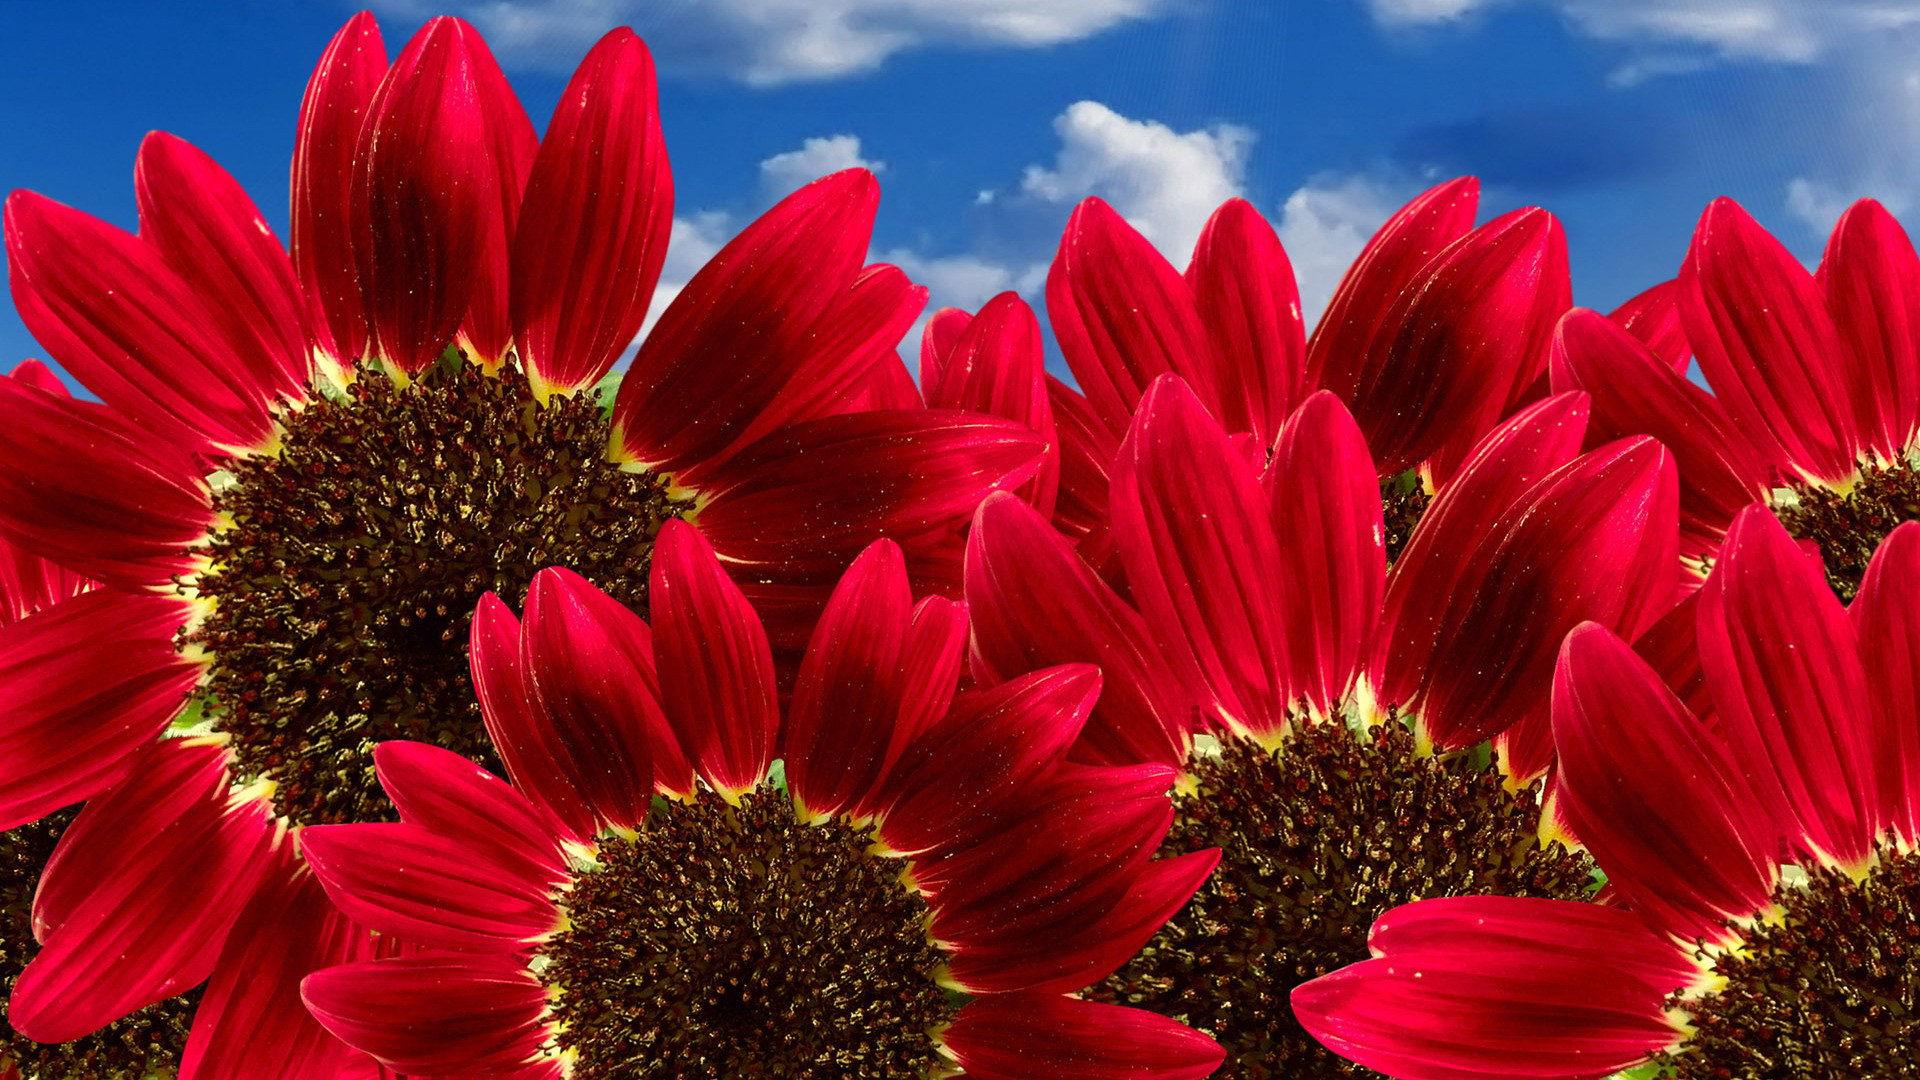 بالصور صور اجمل ورد , صور وقت تزهير الورد رائعة 3224 9